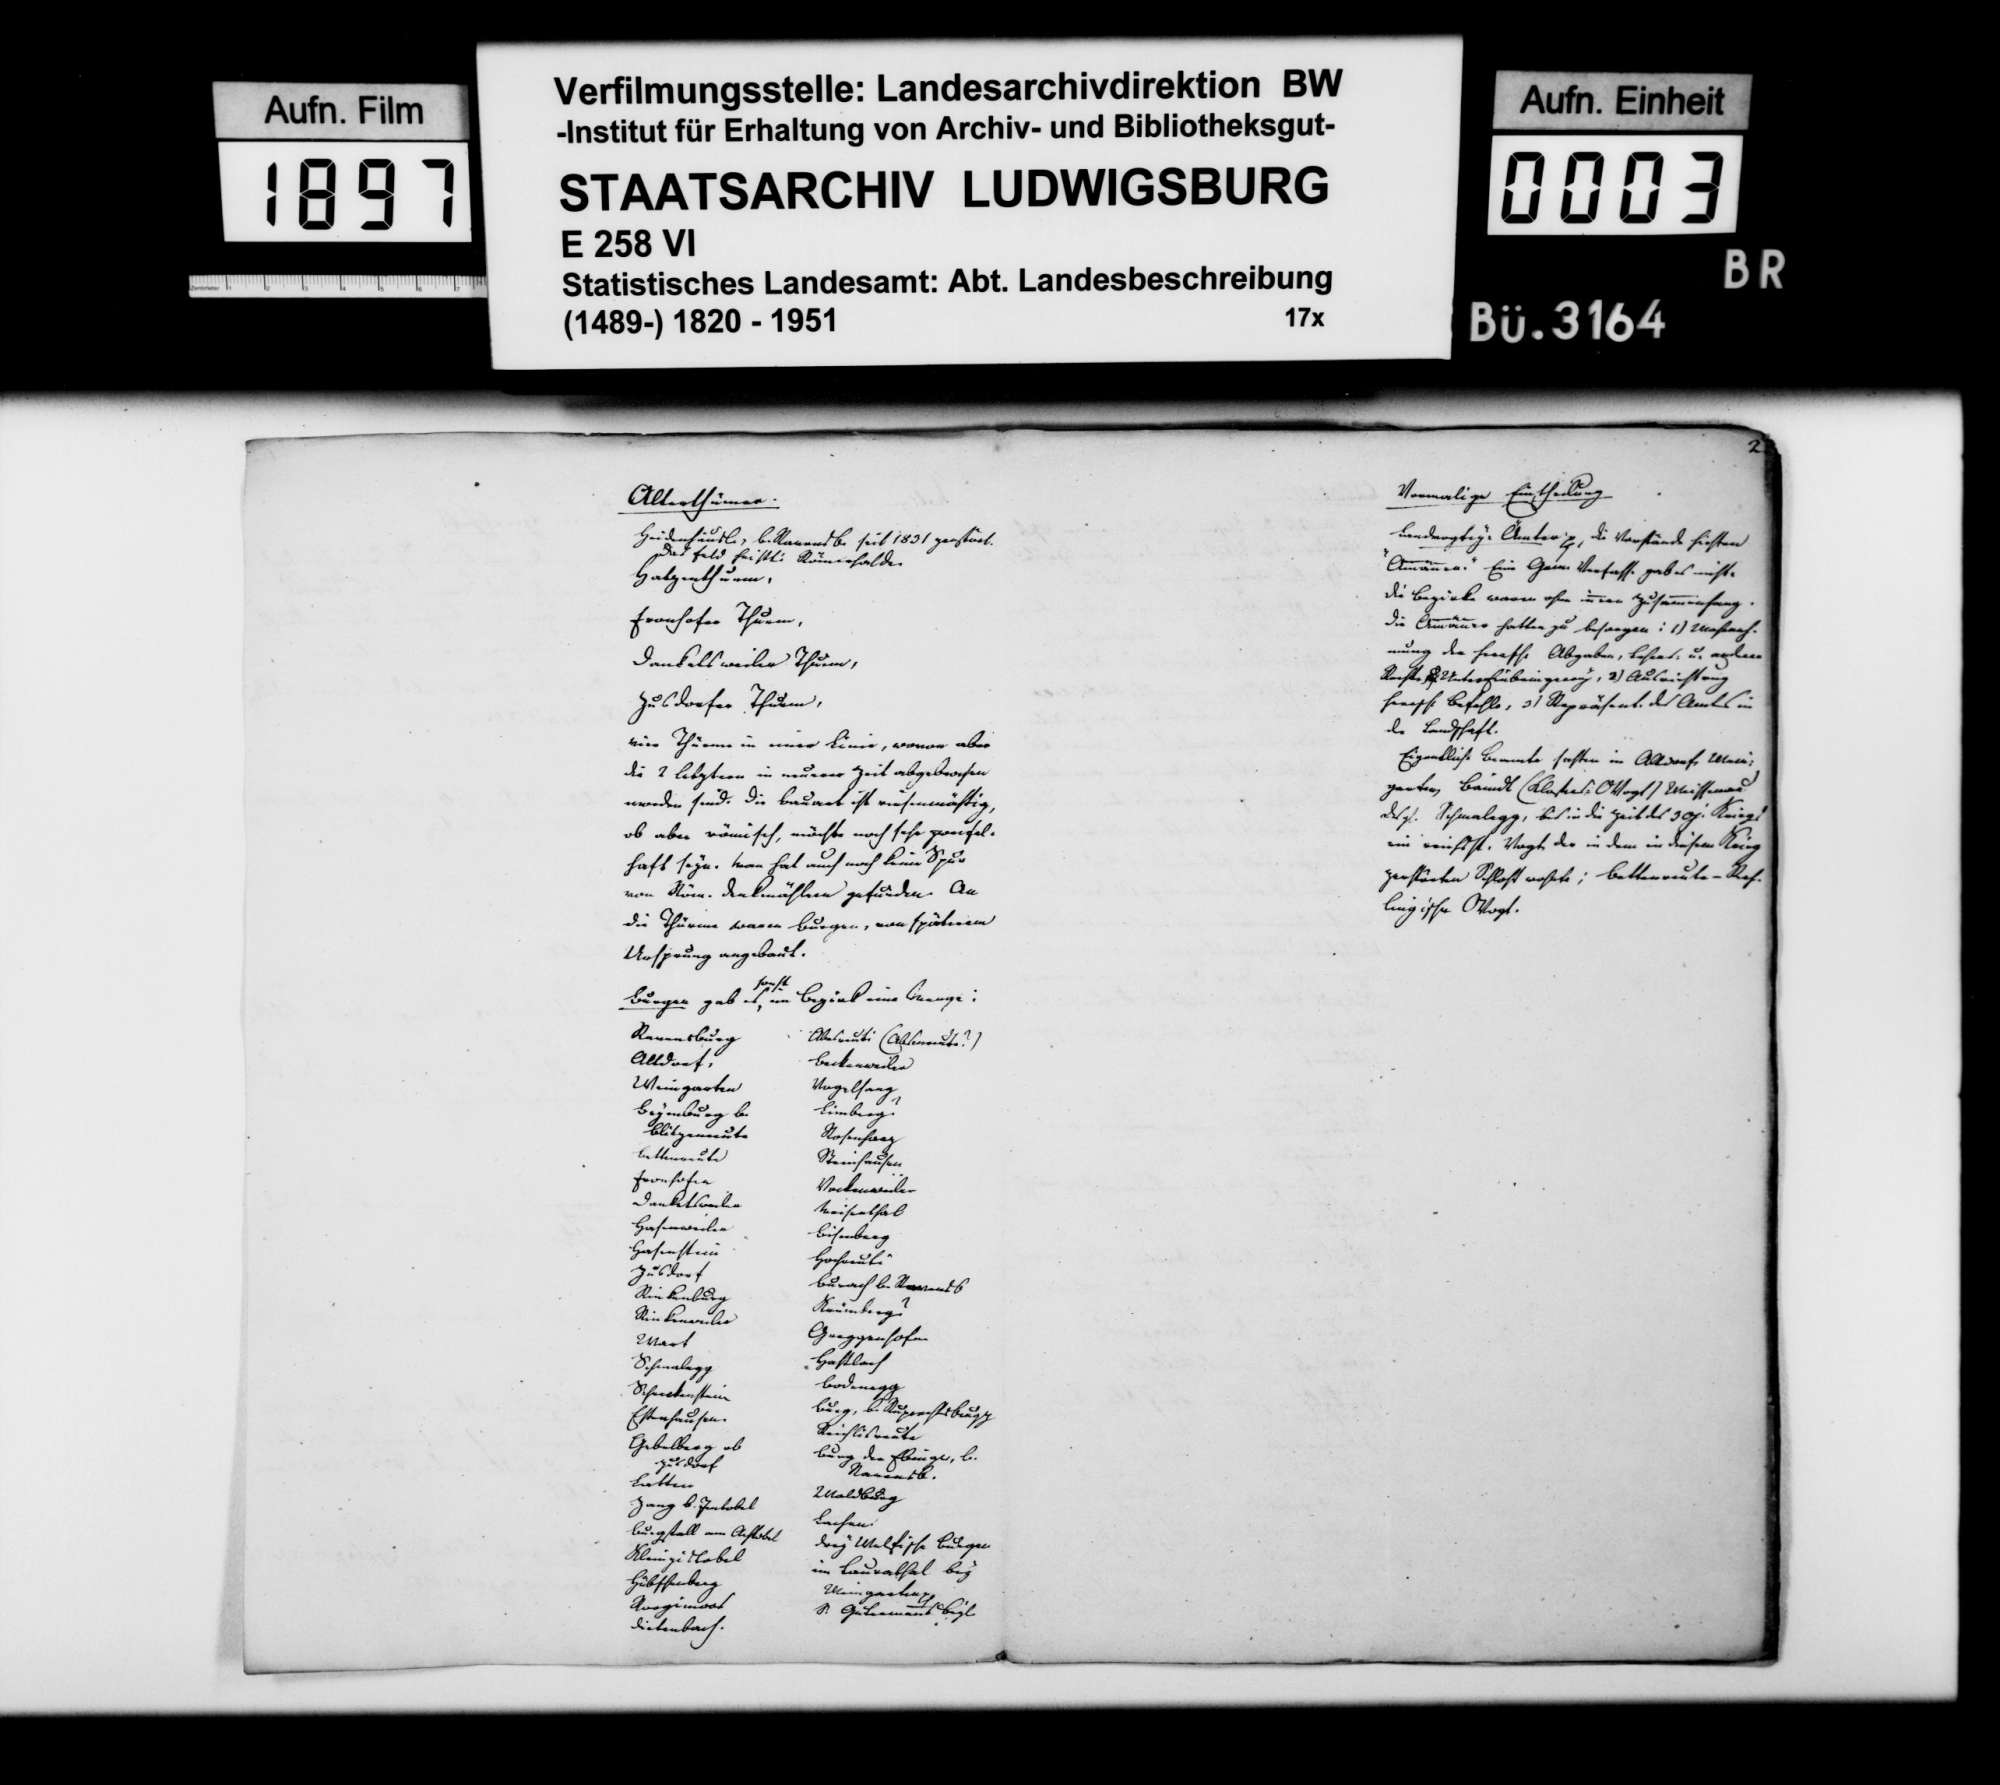 Notizen und Konzepte [von Johann Daniel Georg Memminger] zur OAB, Bild 2